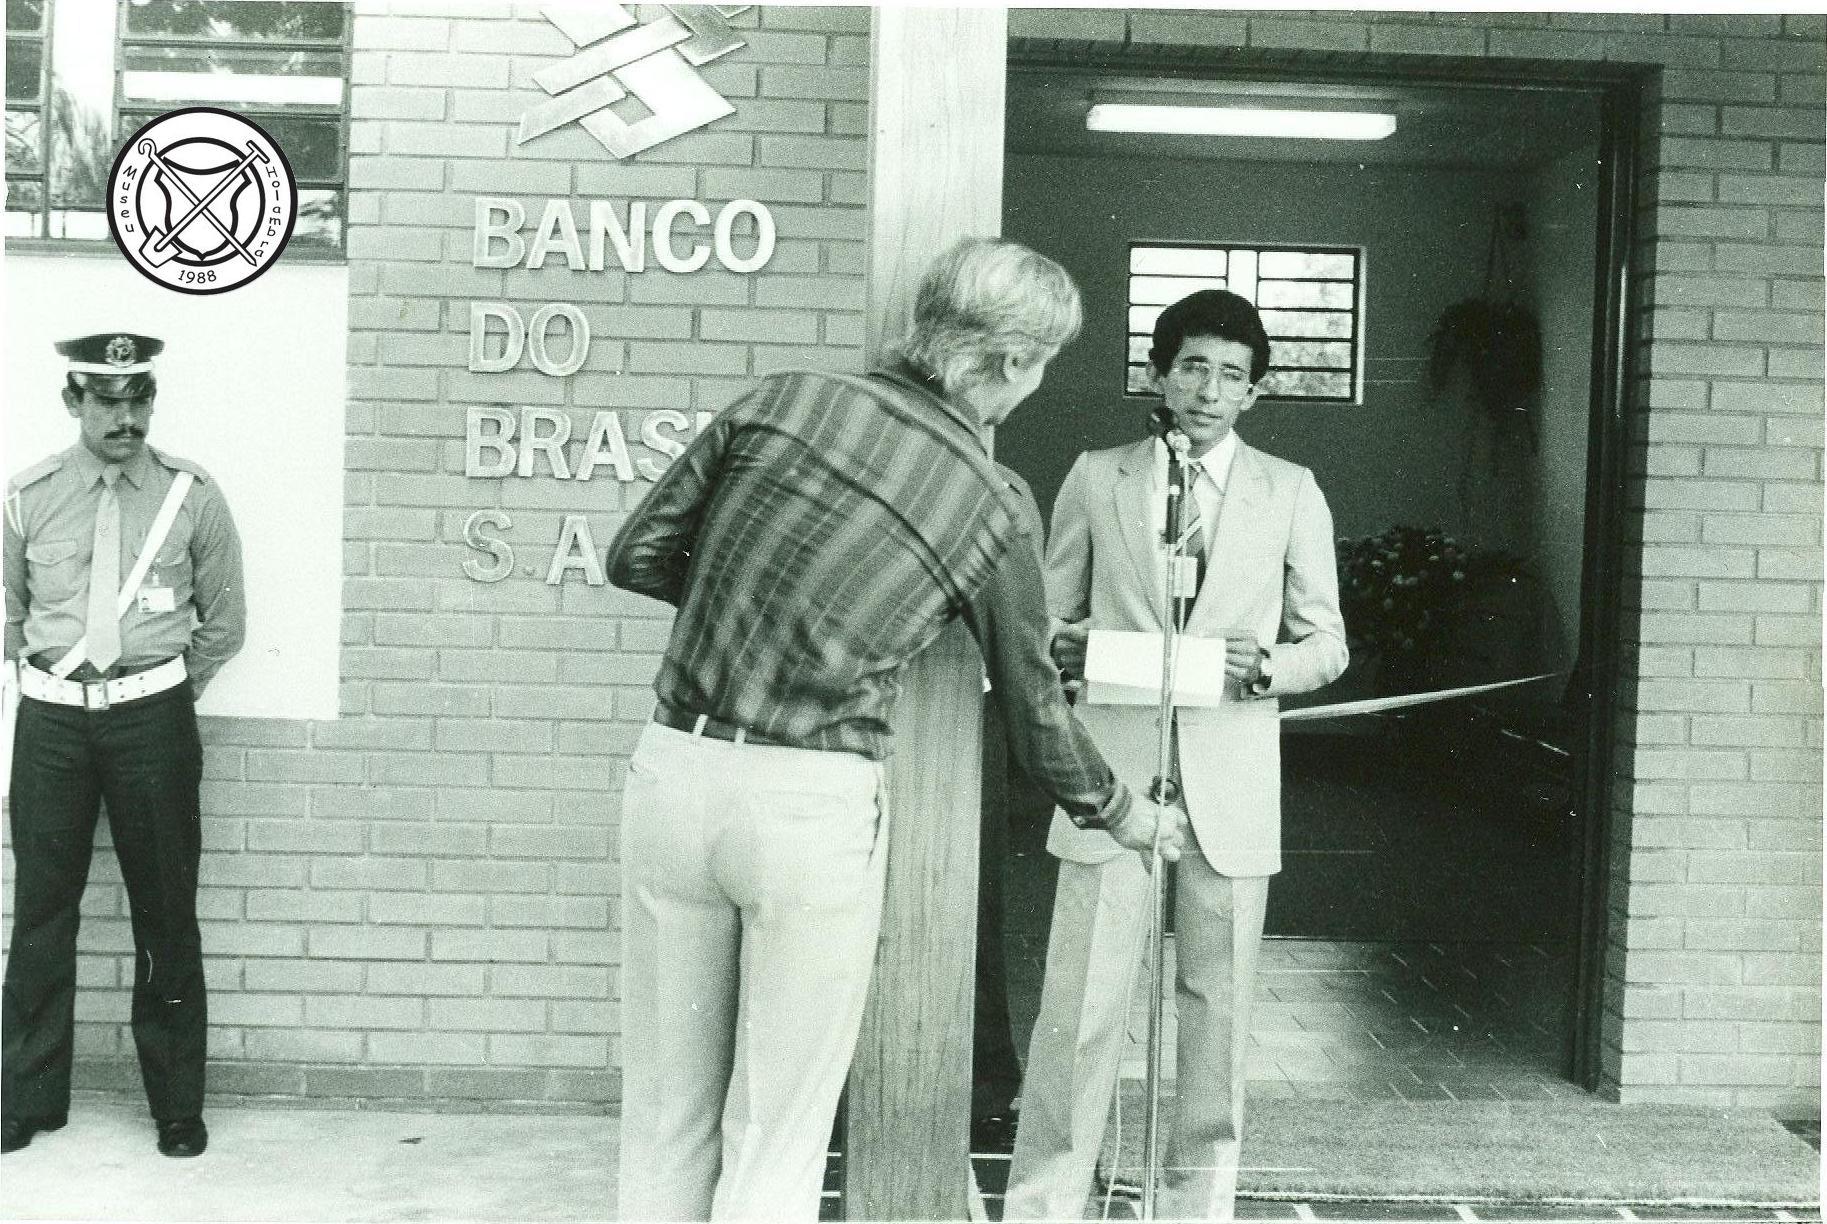 Feestelijke opening van de Banco do Brasil